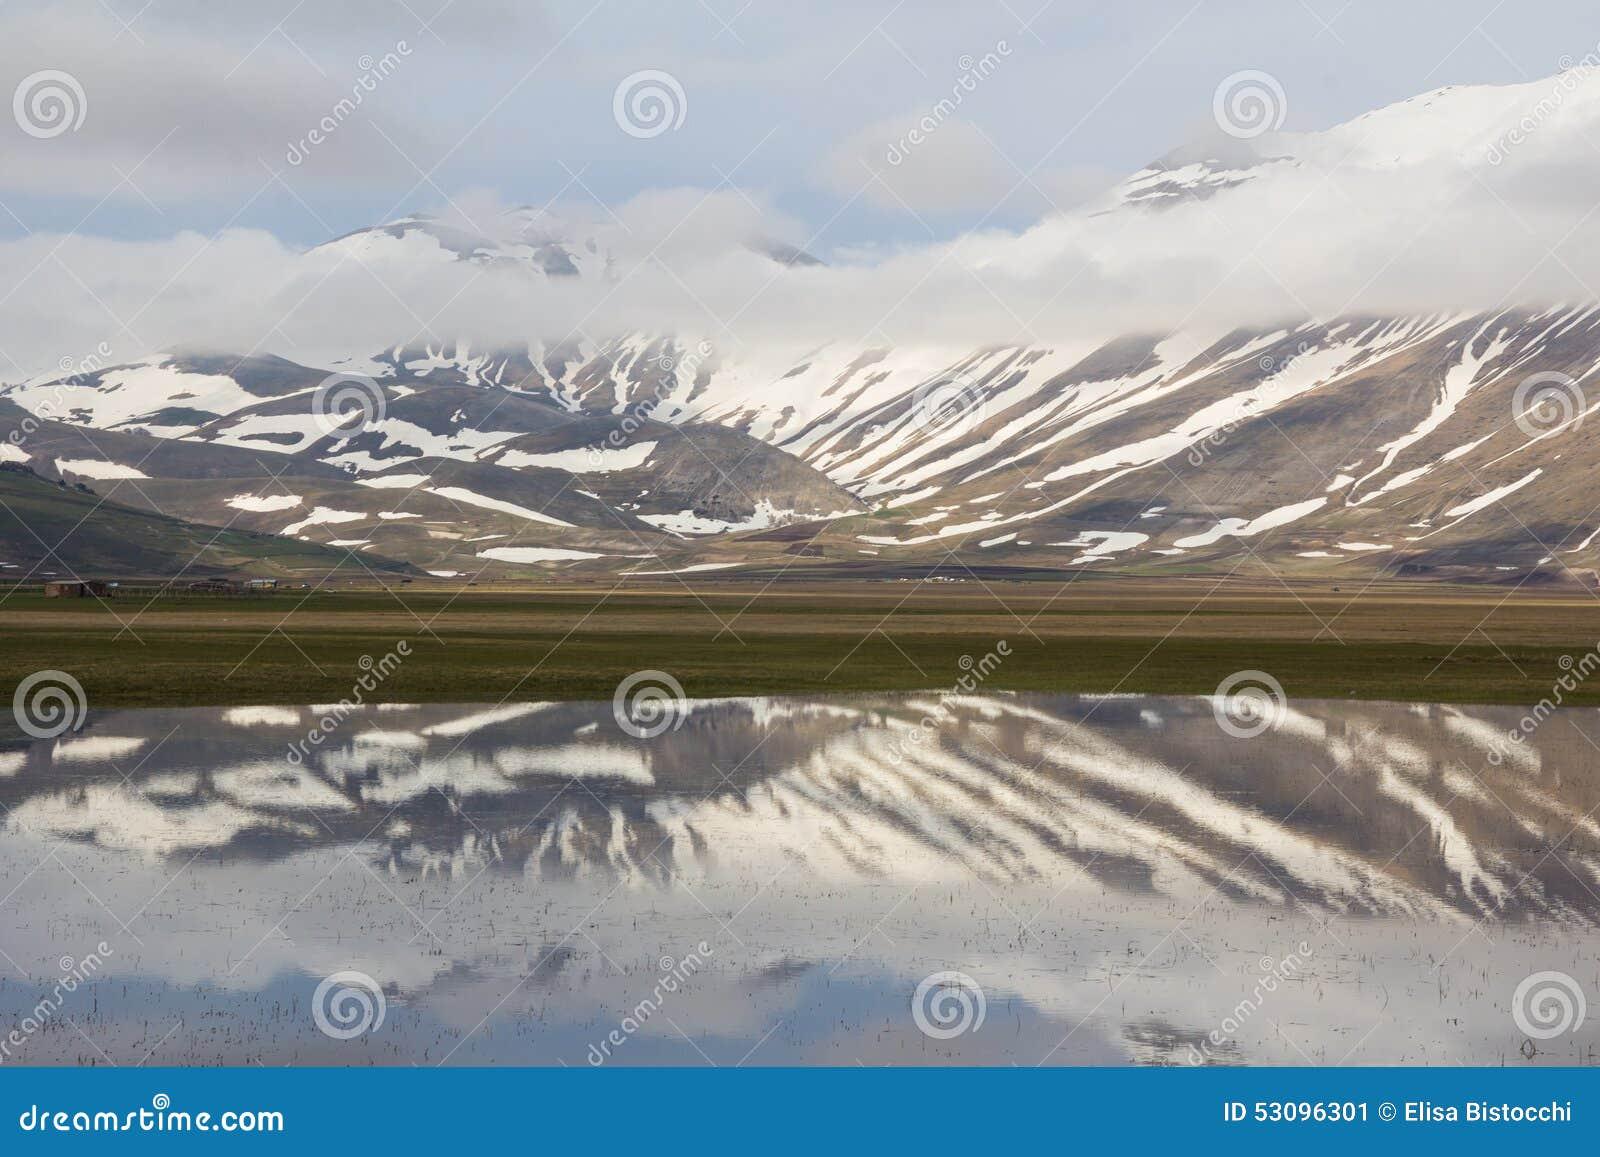 Apennines-Landschaften mit Wasser